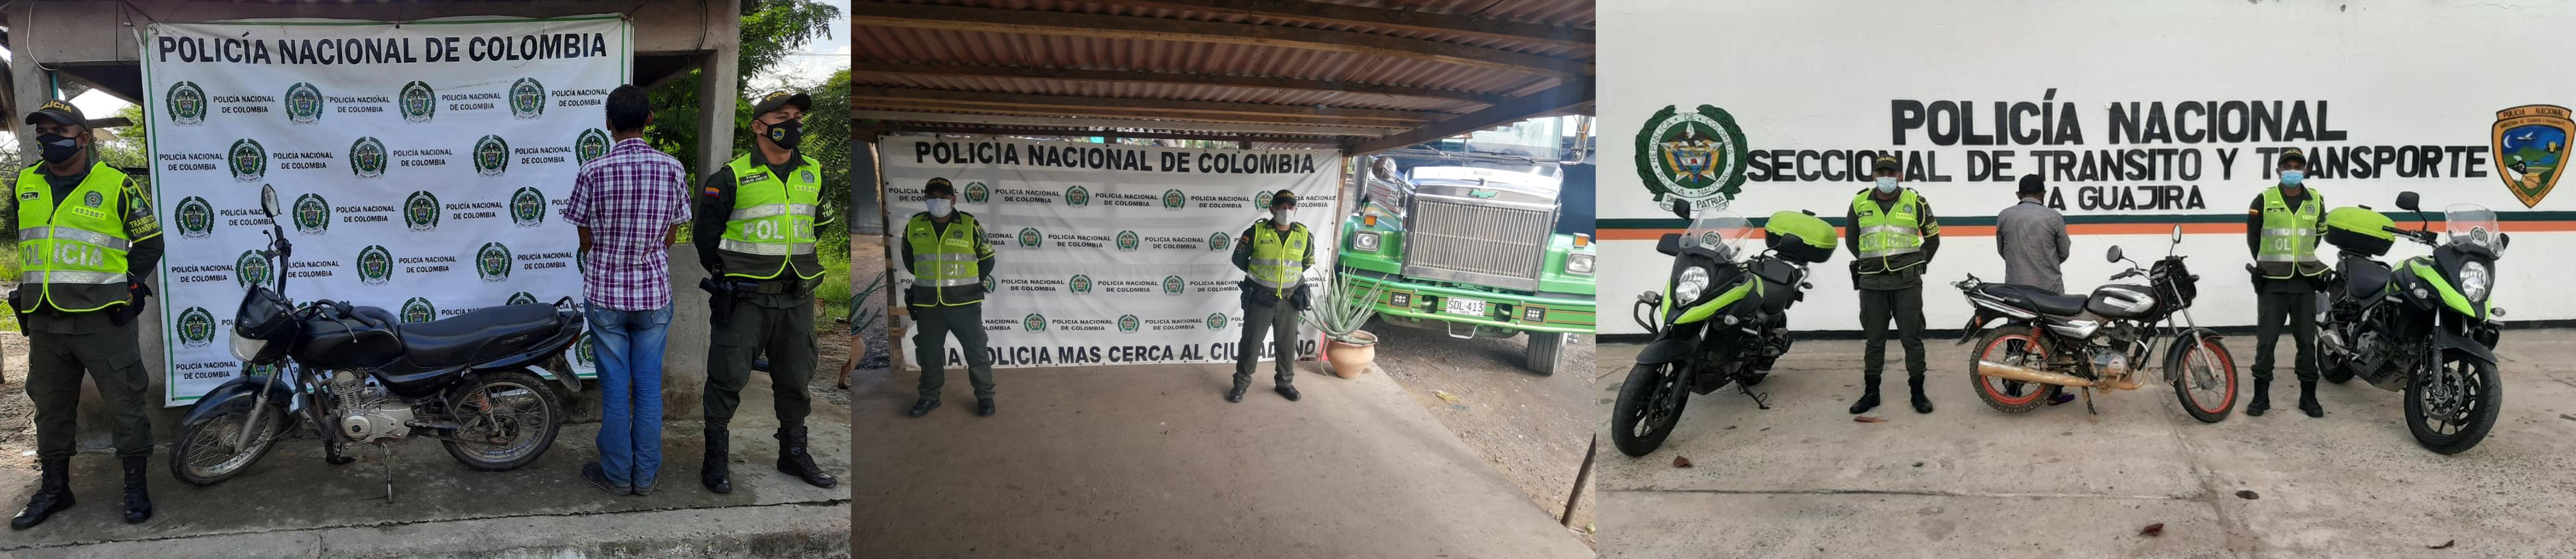 hoyennoticia.com, Capturado con una moto robada en Riohacha y un tracto camión inmovilizado por embargo